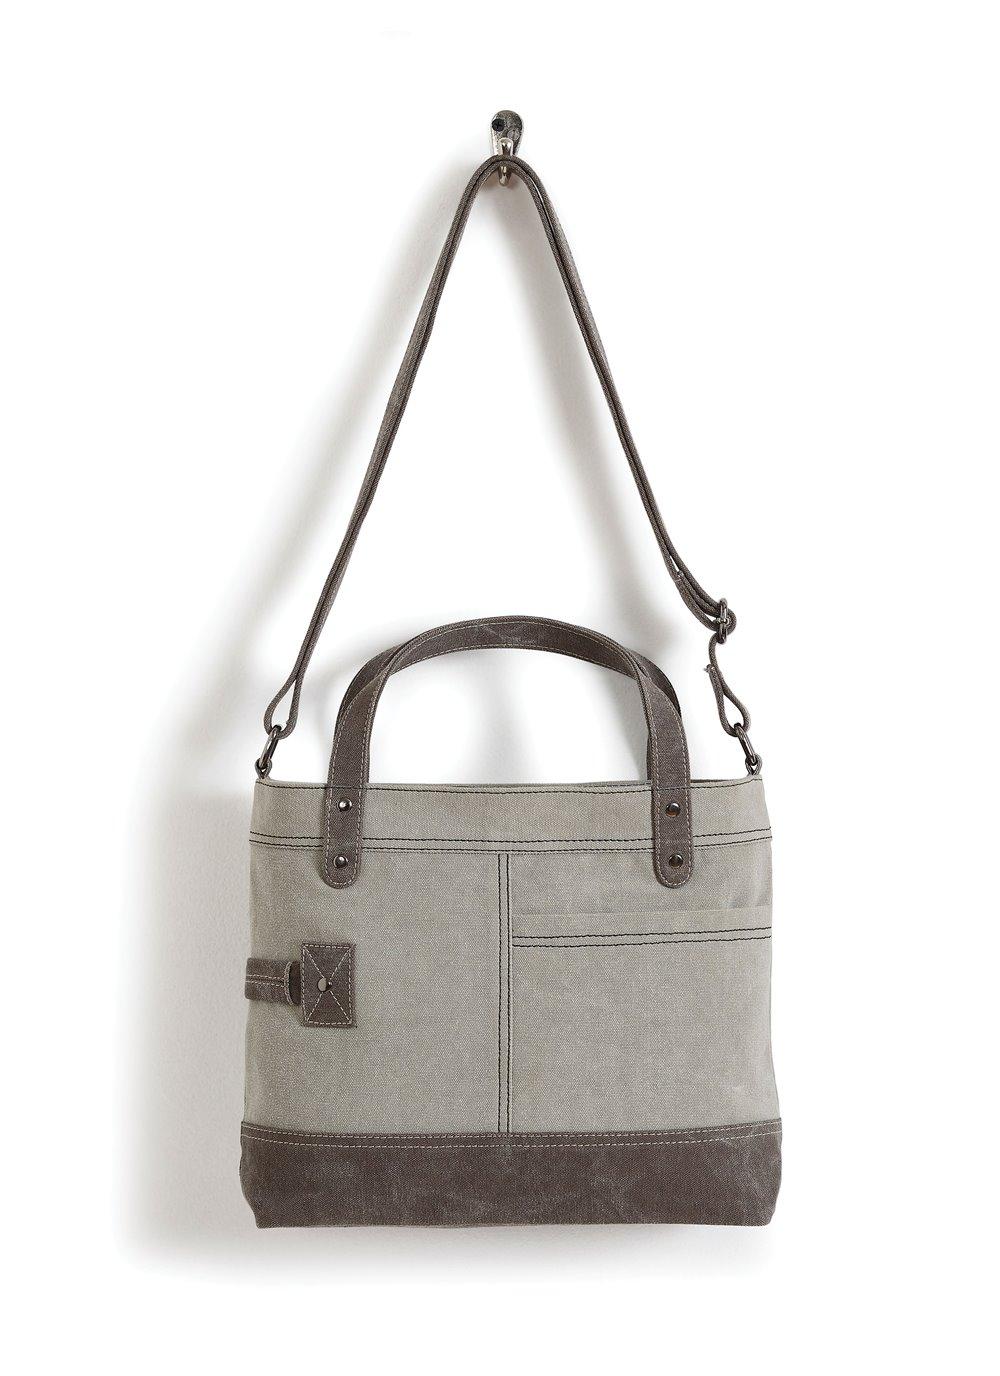 Mona B. Jules Crossbody Bag